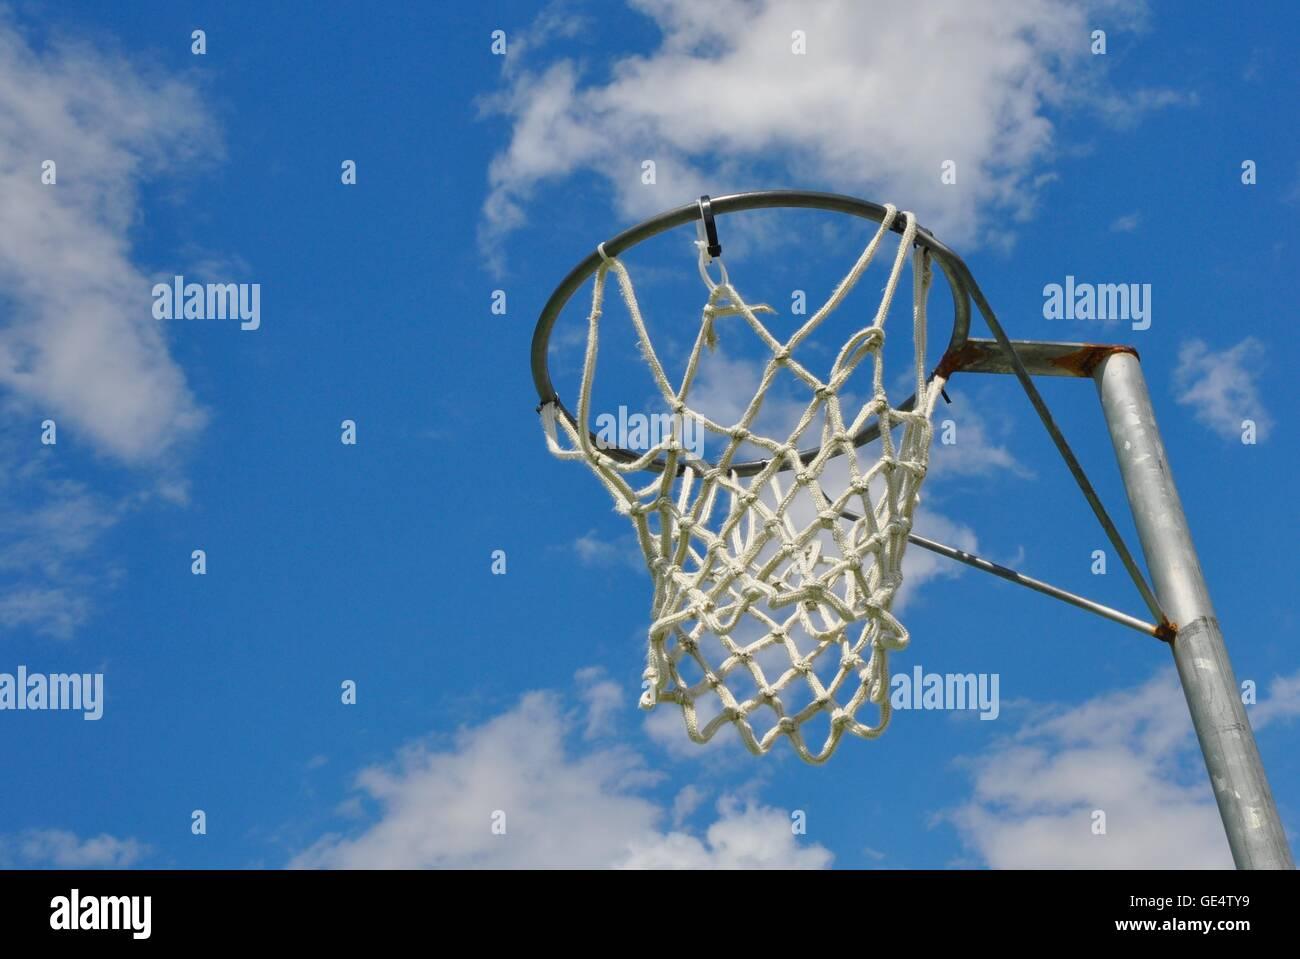 Perspectiva abstracta de un aro de baloncesto con net contra un cielo azul y la nube de fondo. Imagen De Stock